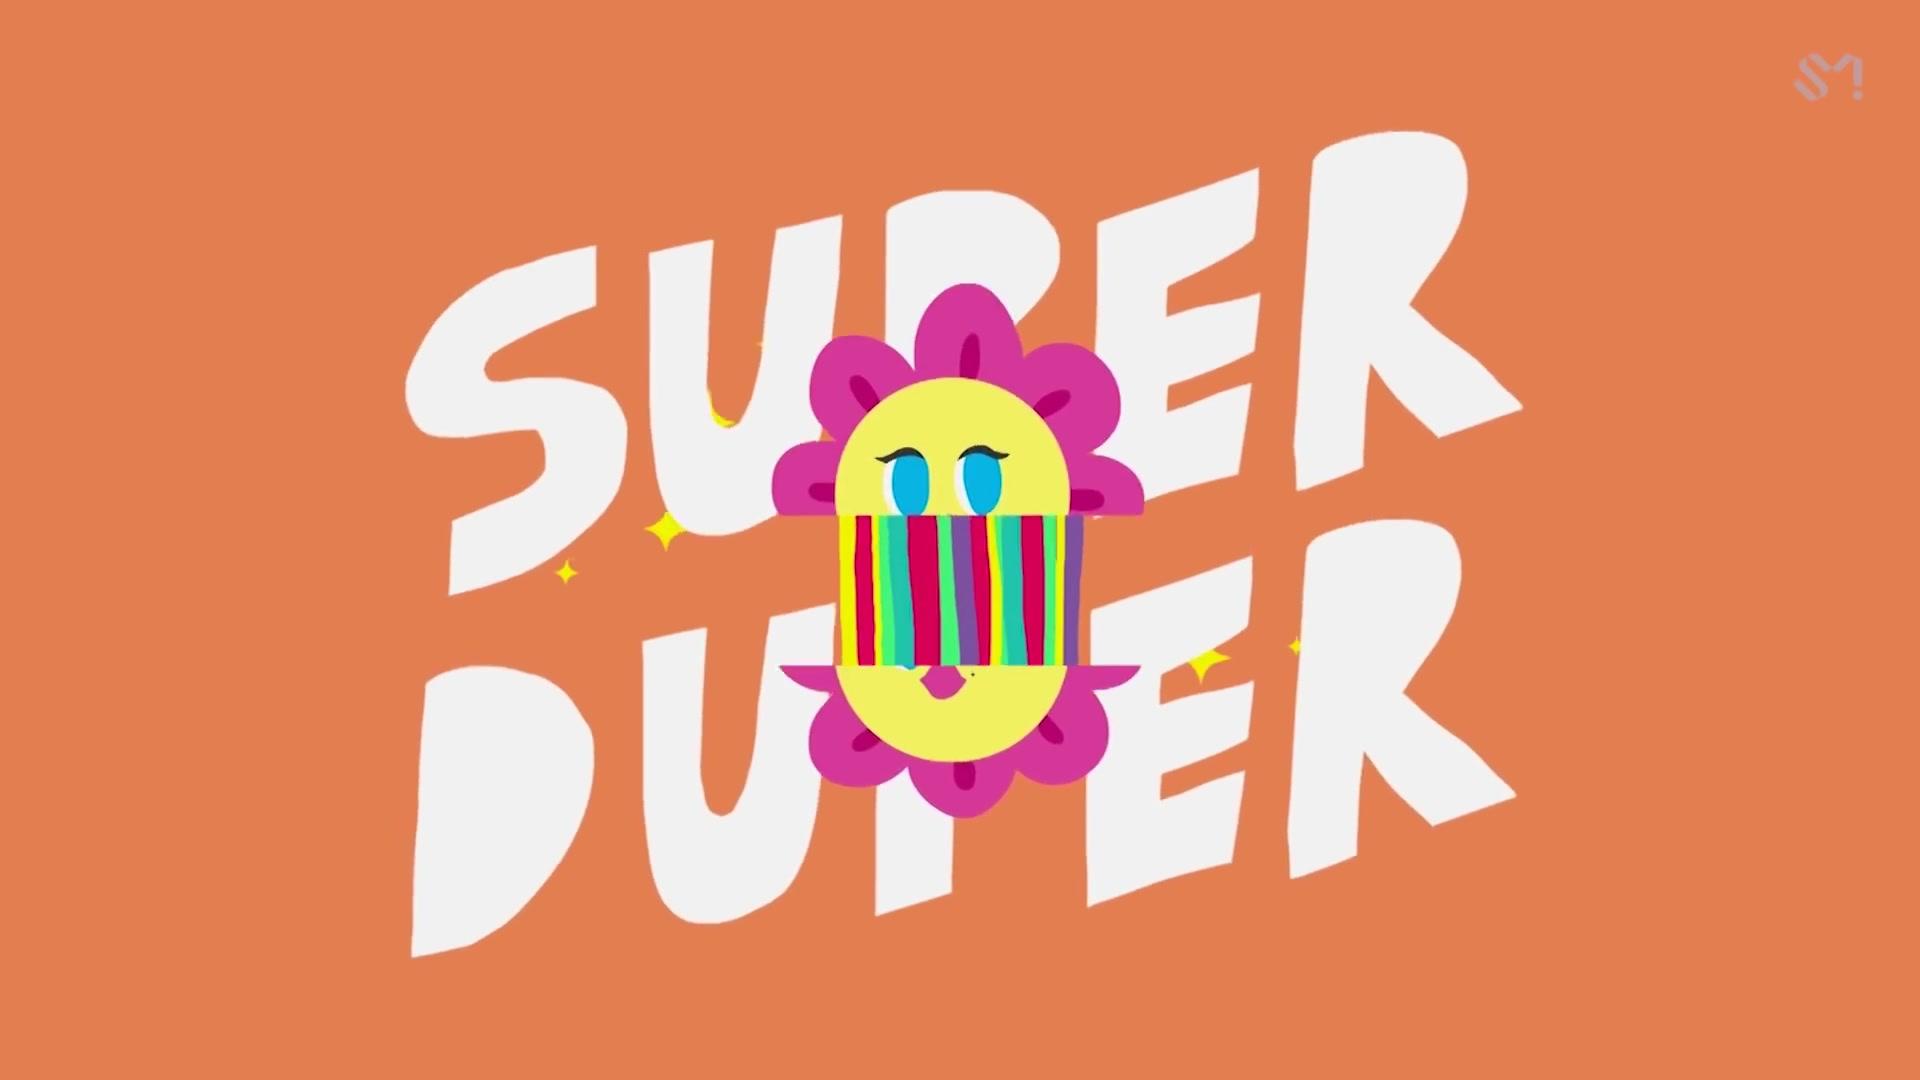 Super Duper - Super Junior